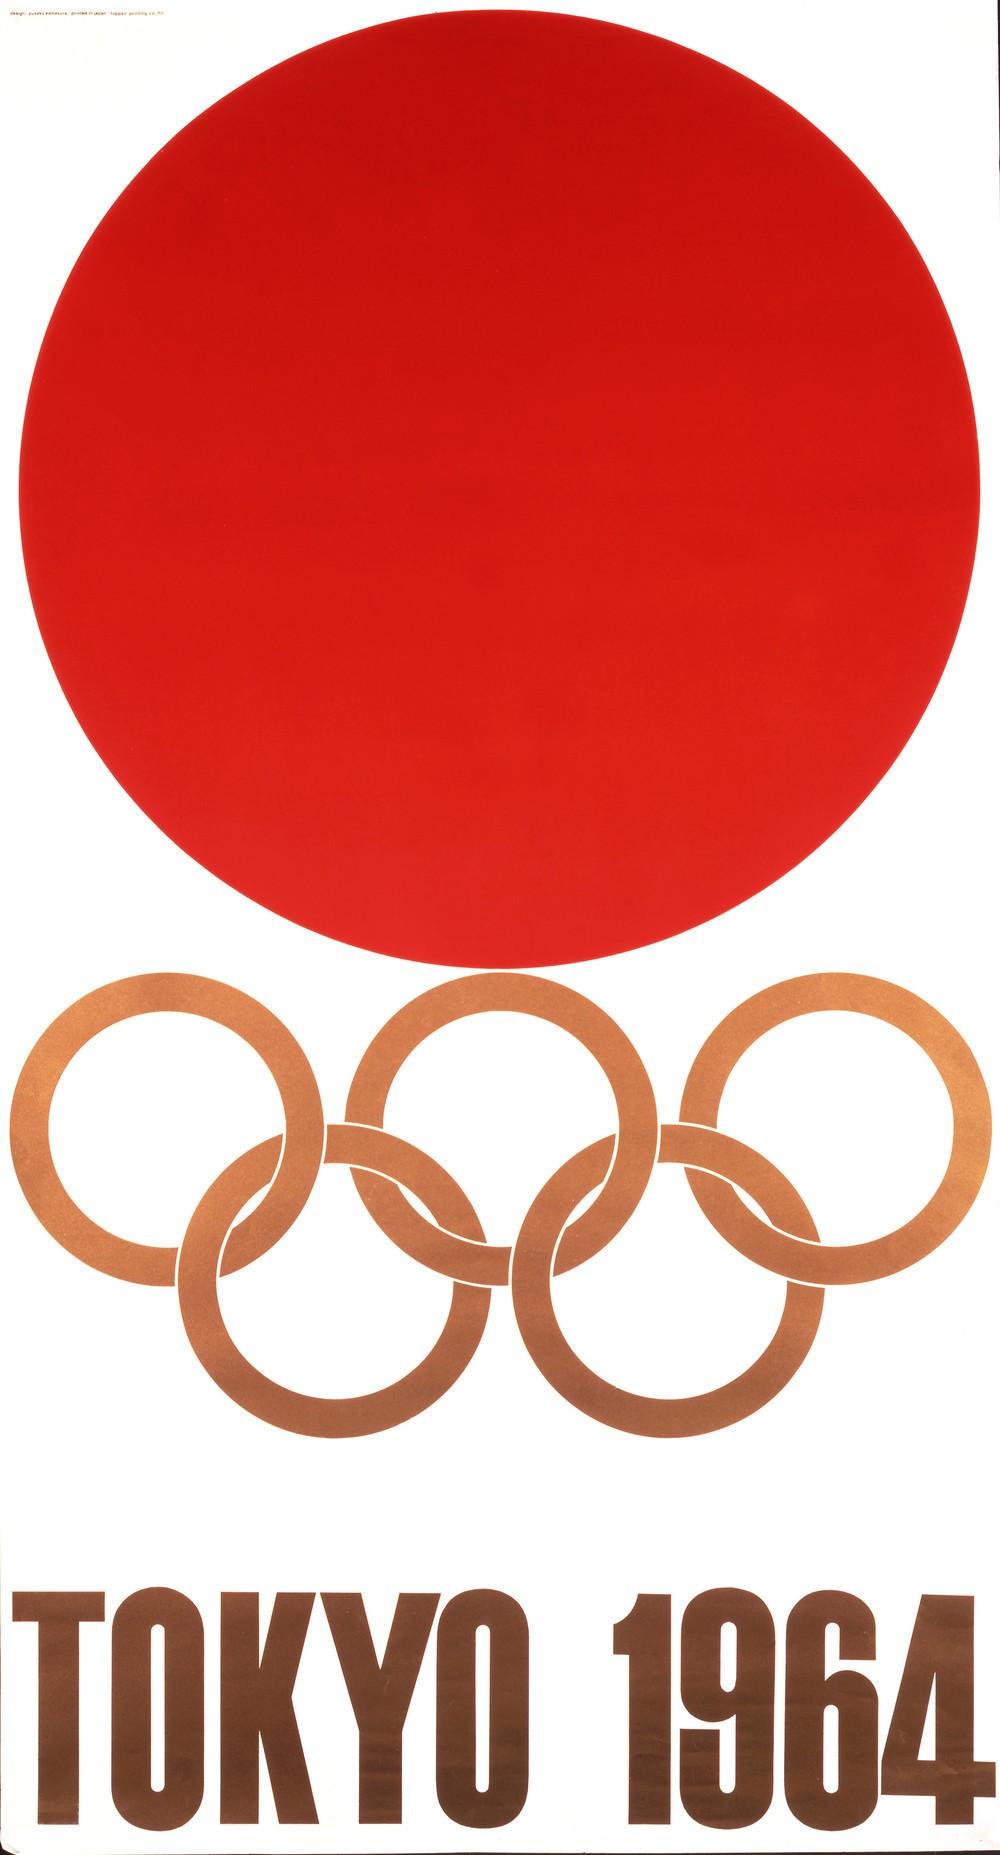 東京五輪のエンブレムを使えばいい 椎名林檎、やくみつるが「再登板」を求める